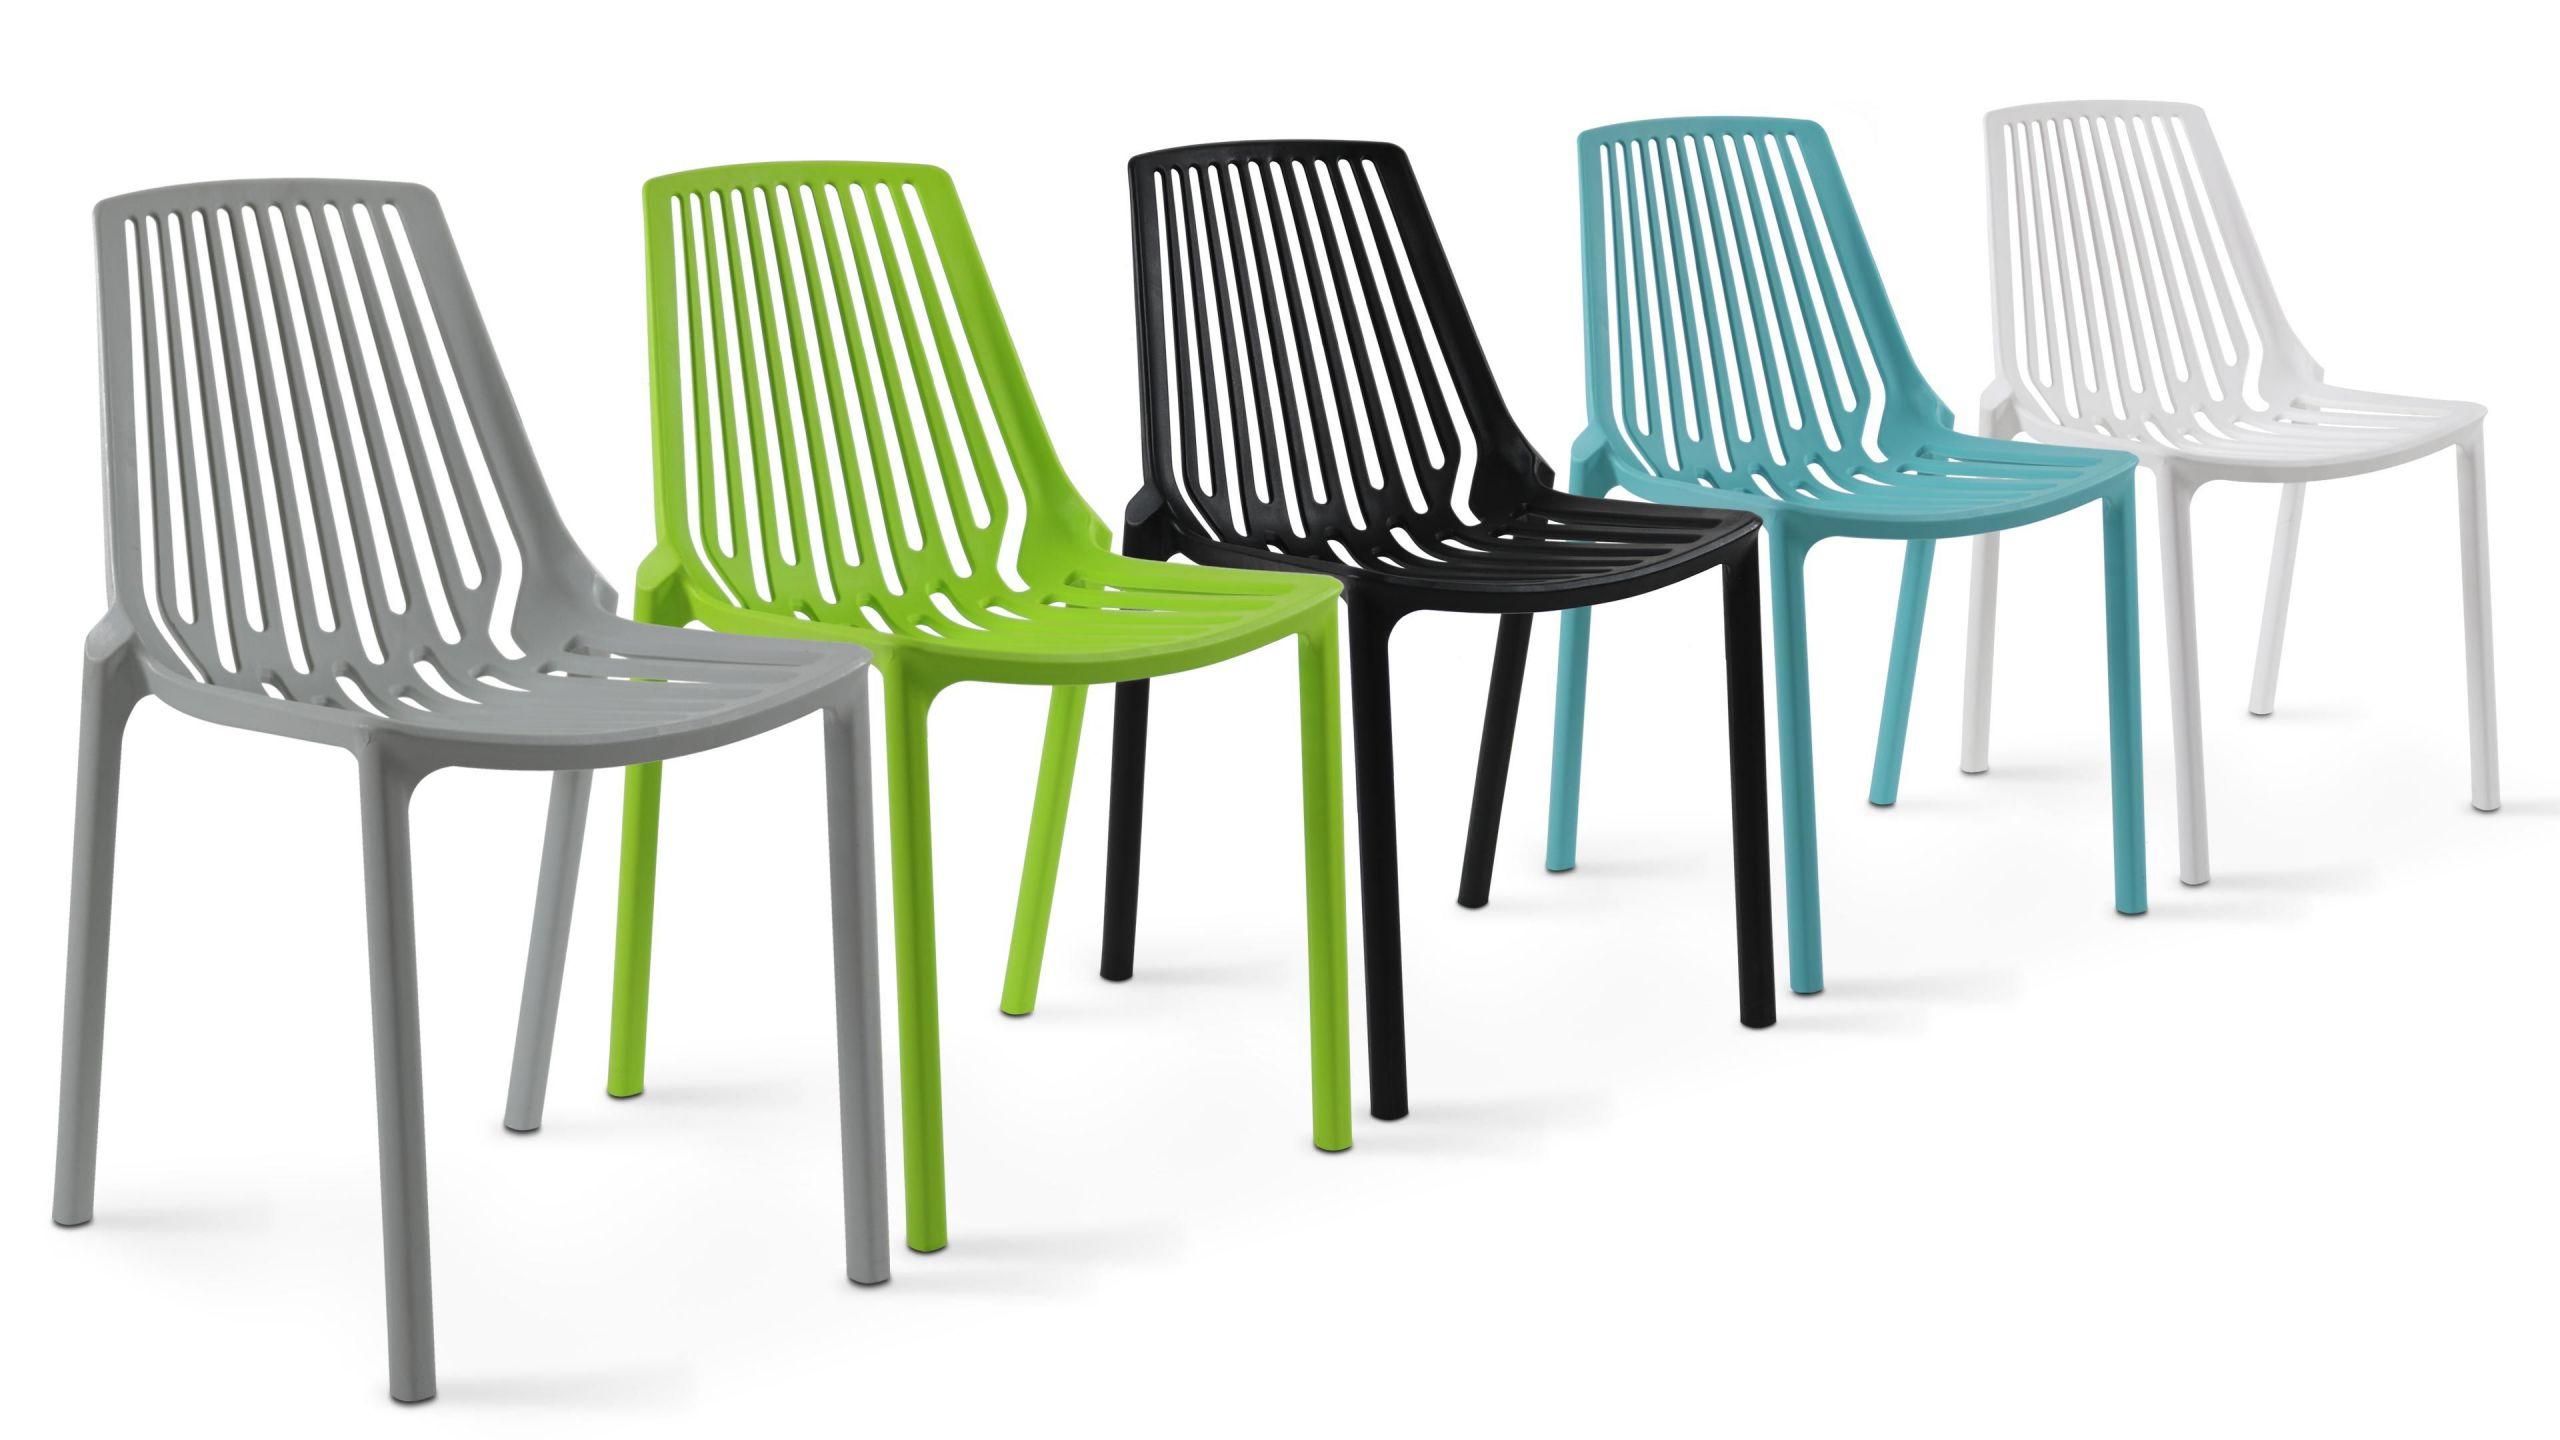 Table Chaise Jardin Pas Cher Conception - Idees Conception ... concernant Table Et Chaise De Jardin Pas Cher En Plastique